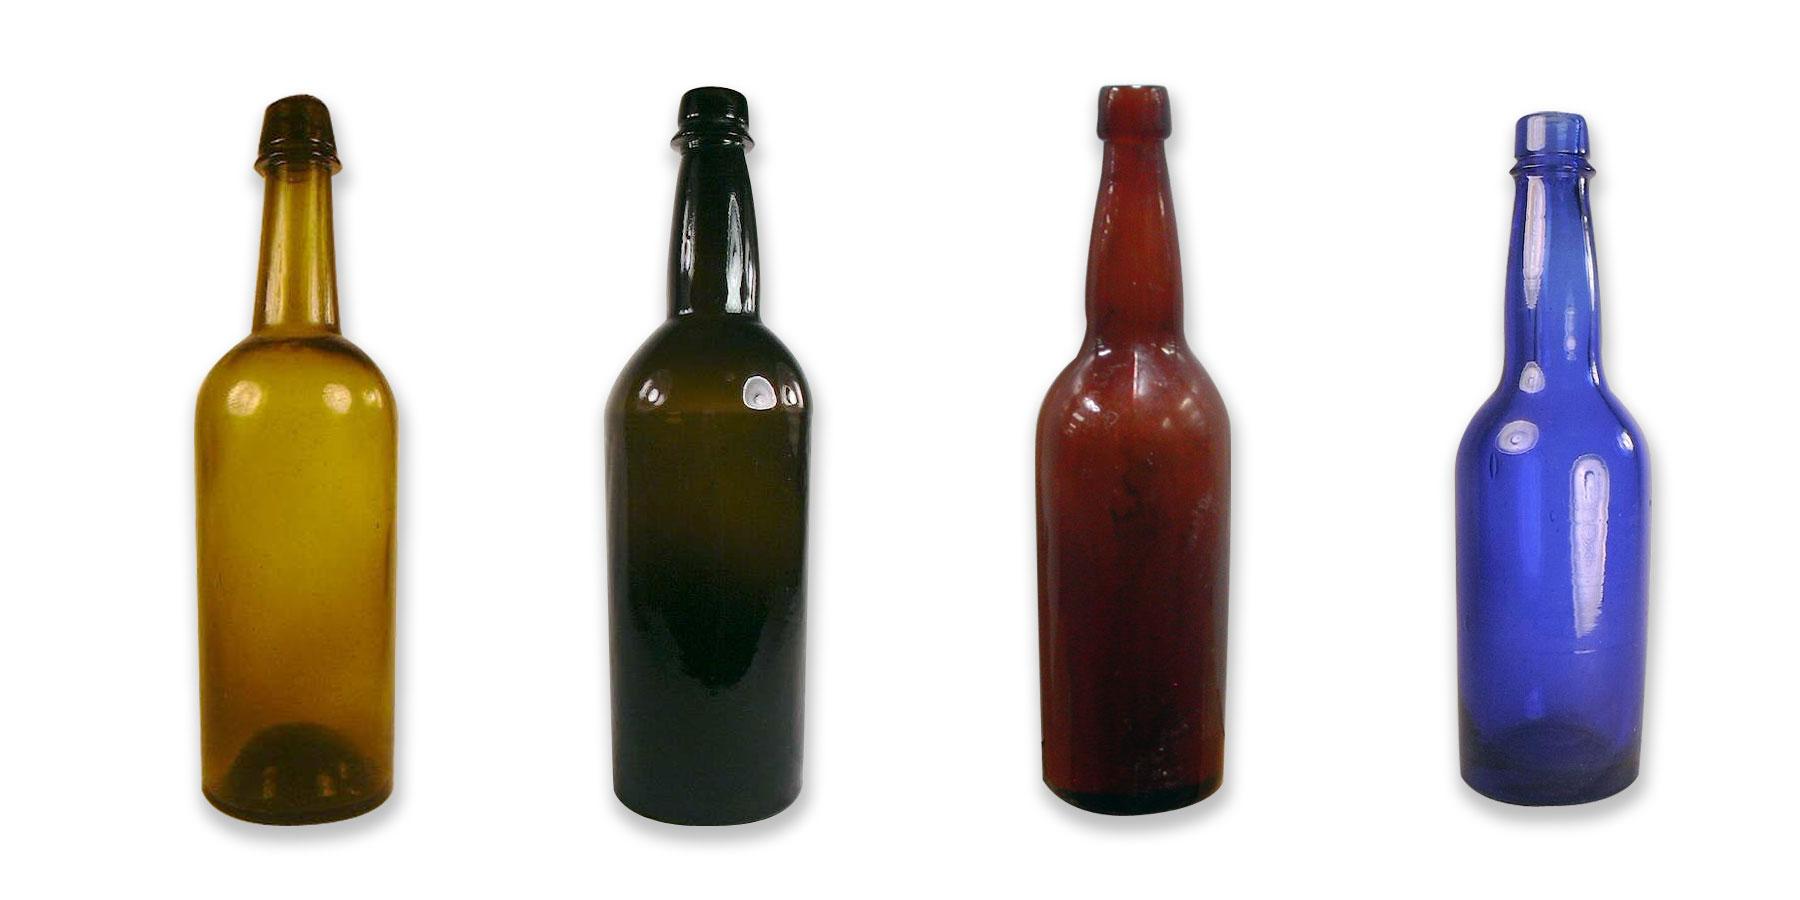 une courte histoire des bouteilles de bi re long neck. Black Bedroom Furniture Sets. Home Design Ideas